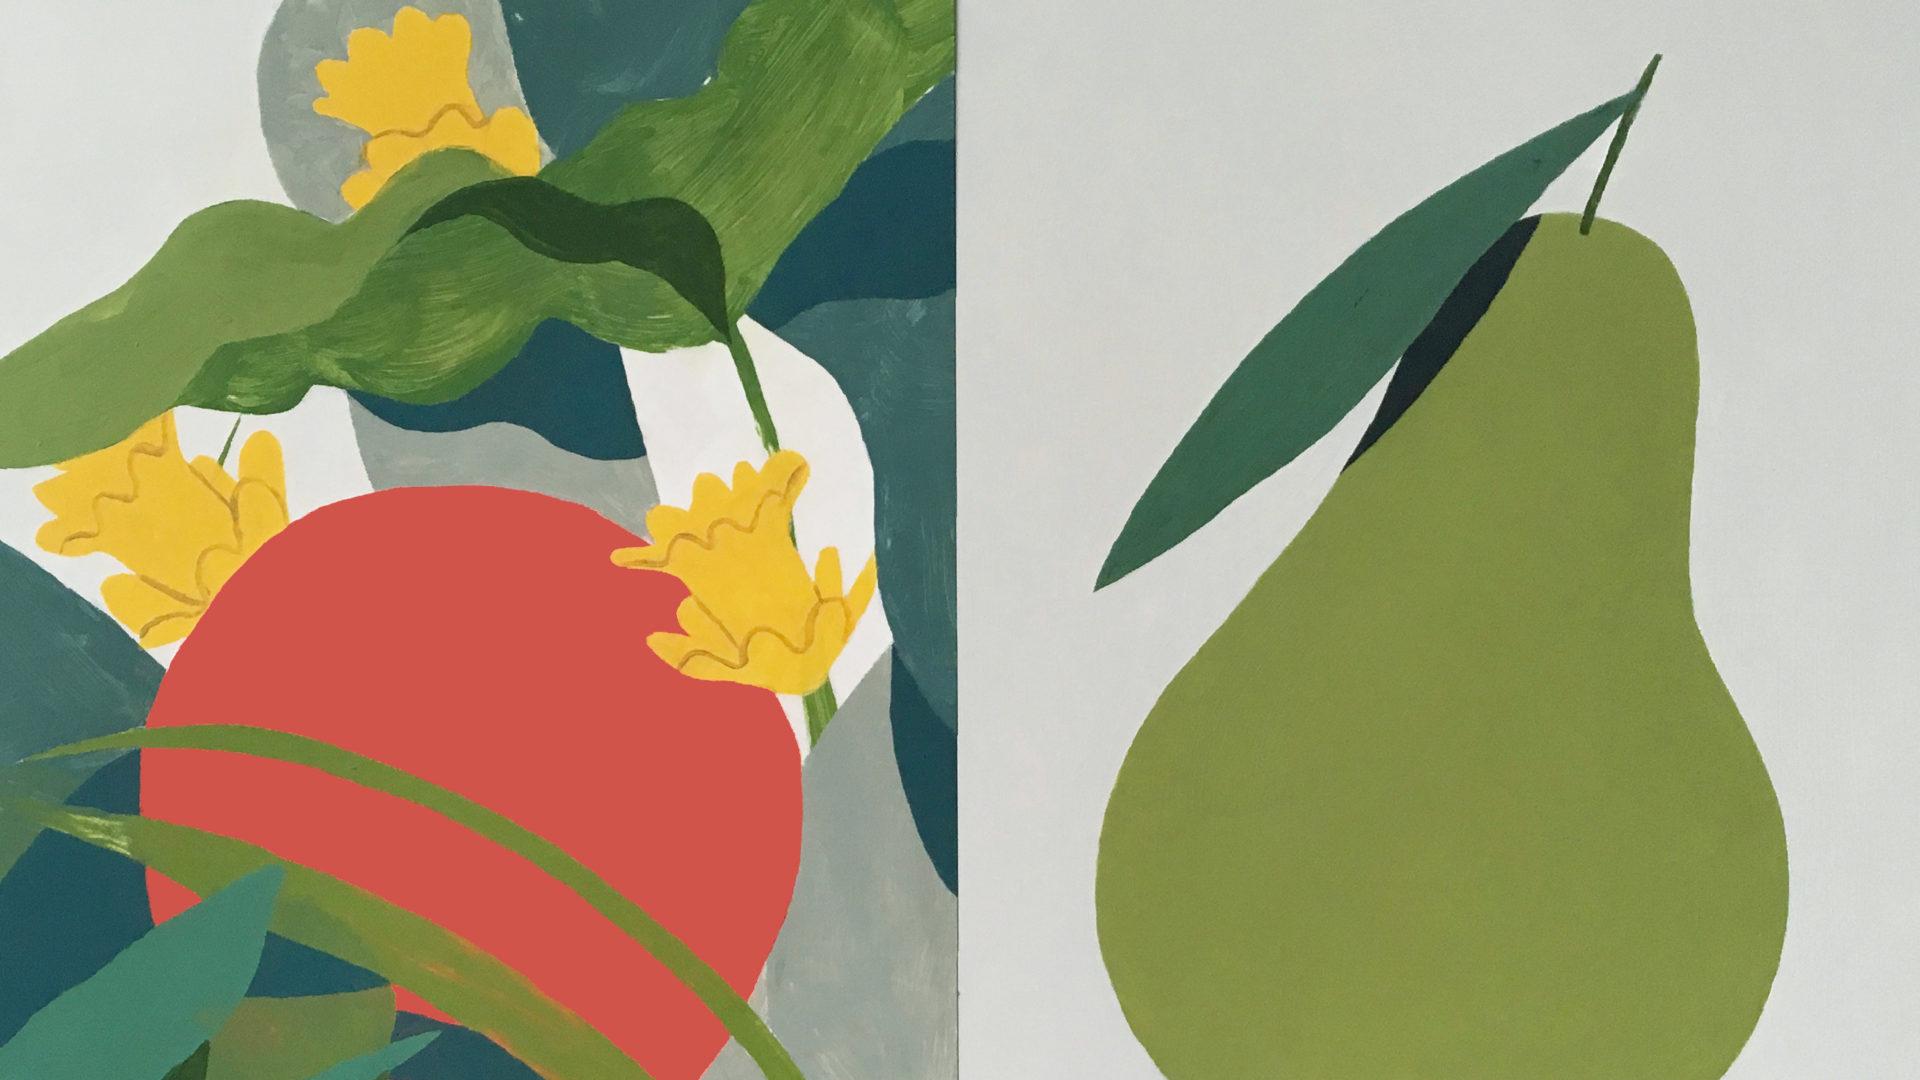 Detail view of works by Noellert.